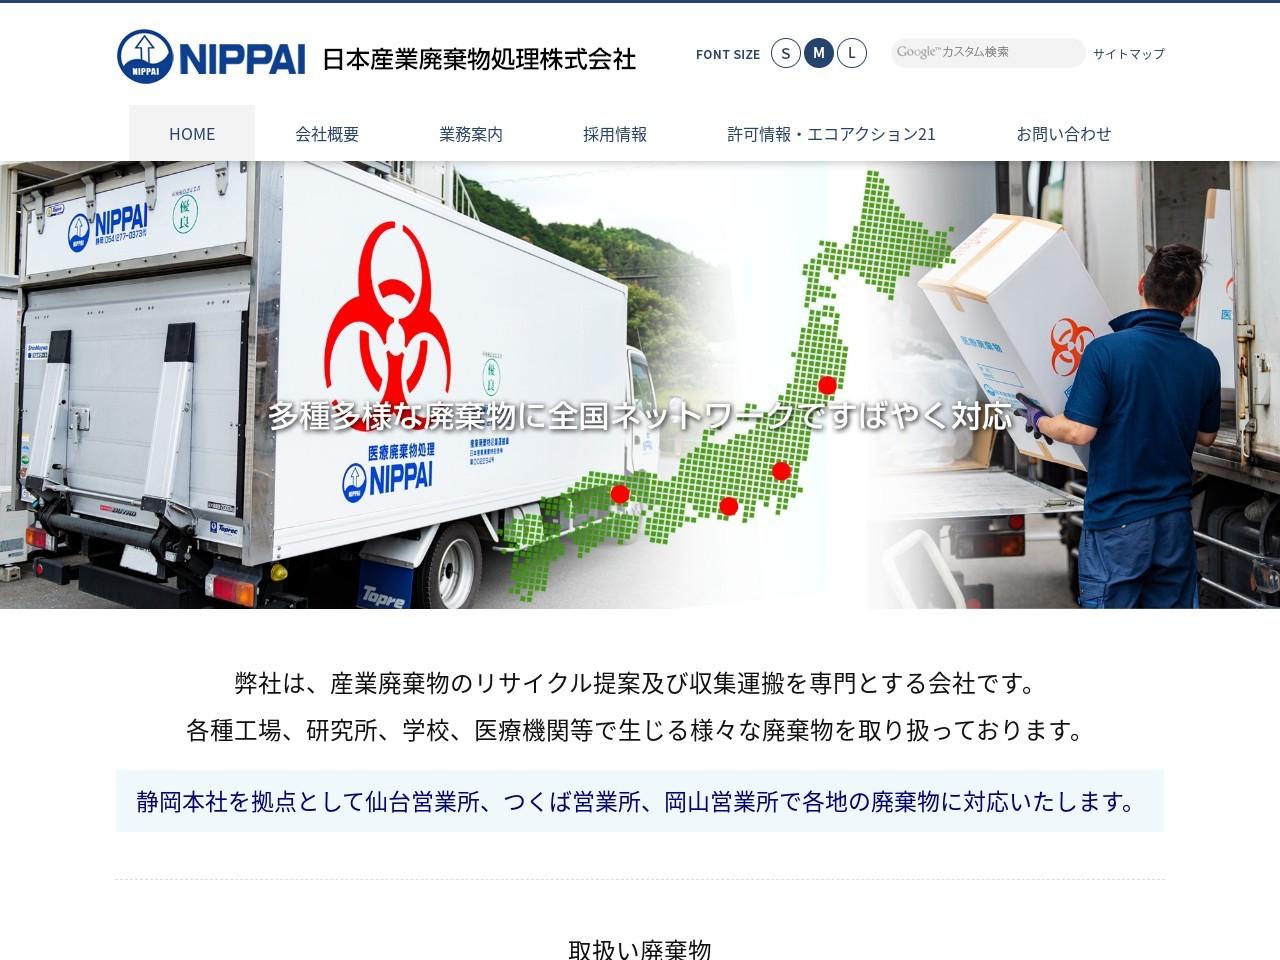 日本産業廃棄物処理株式会社